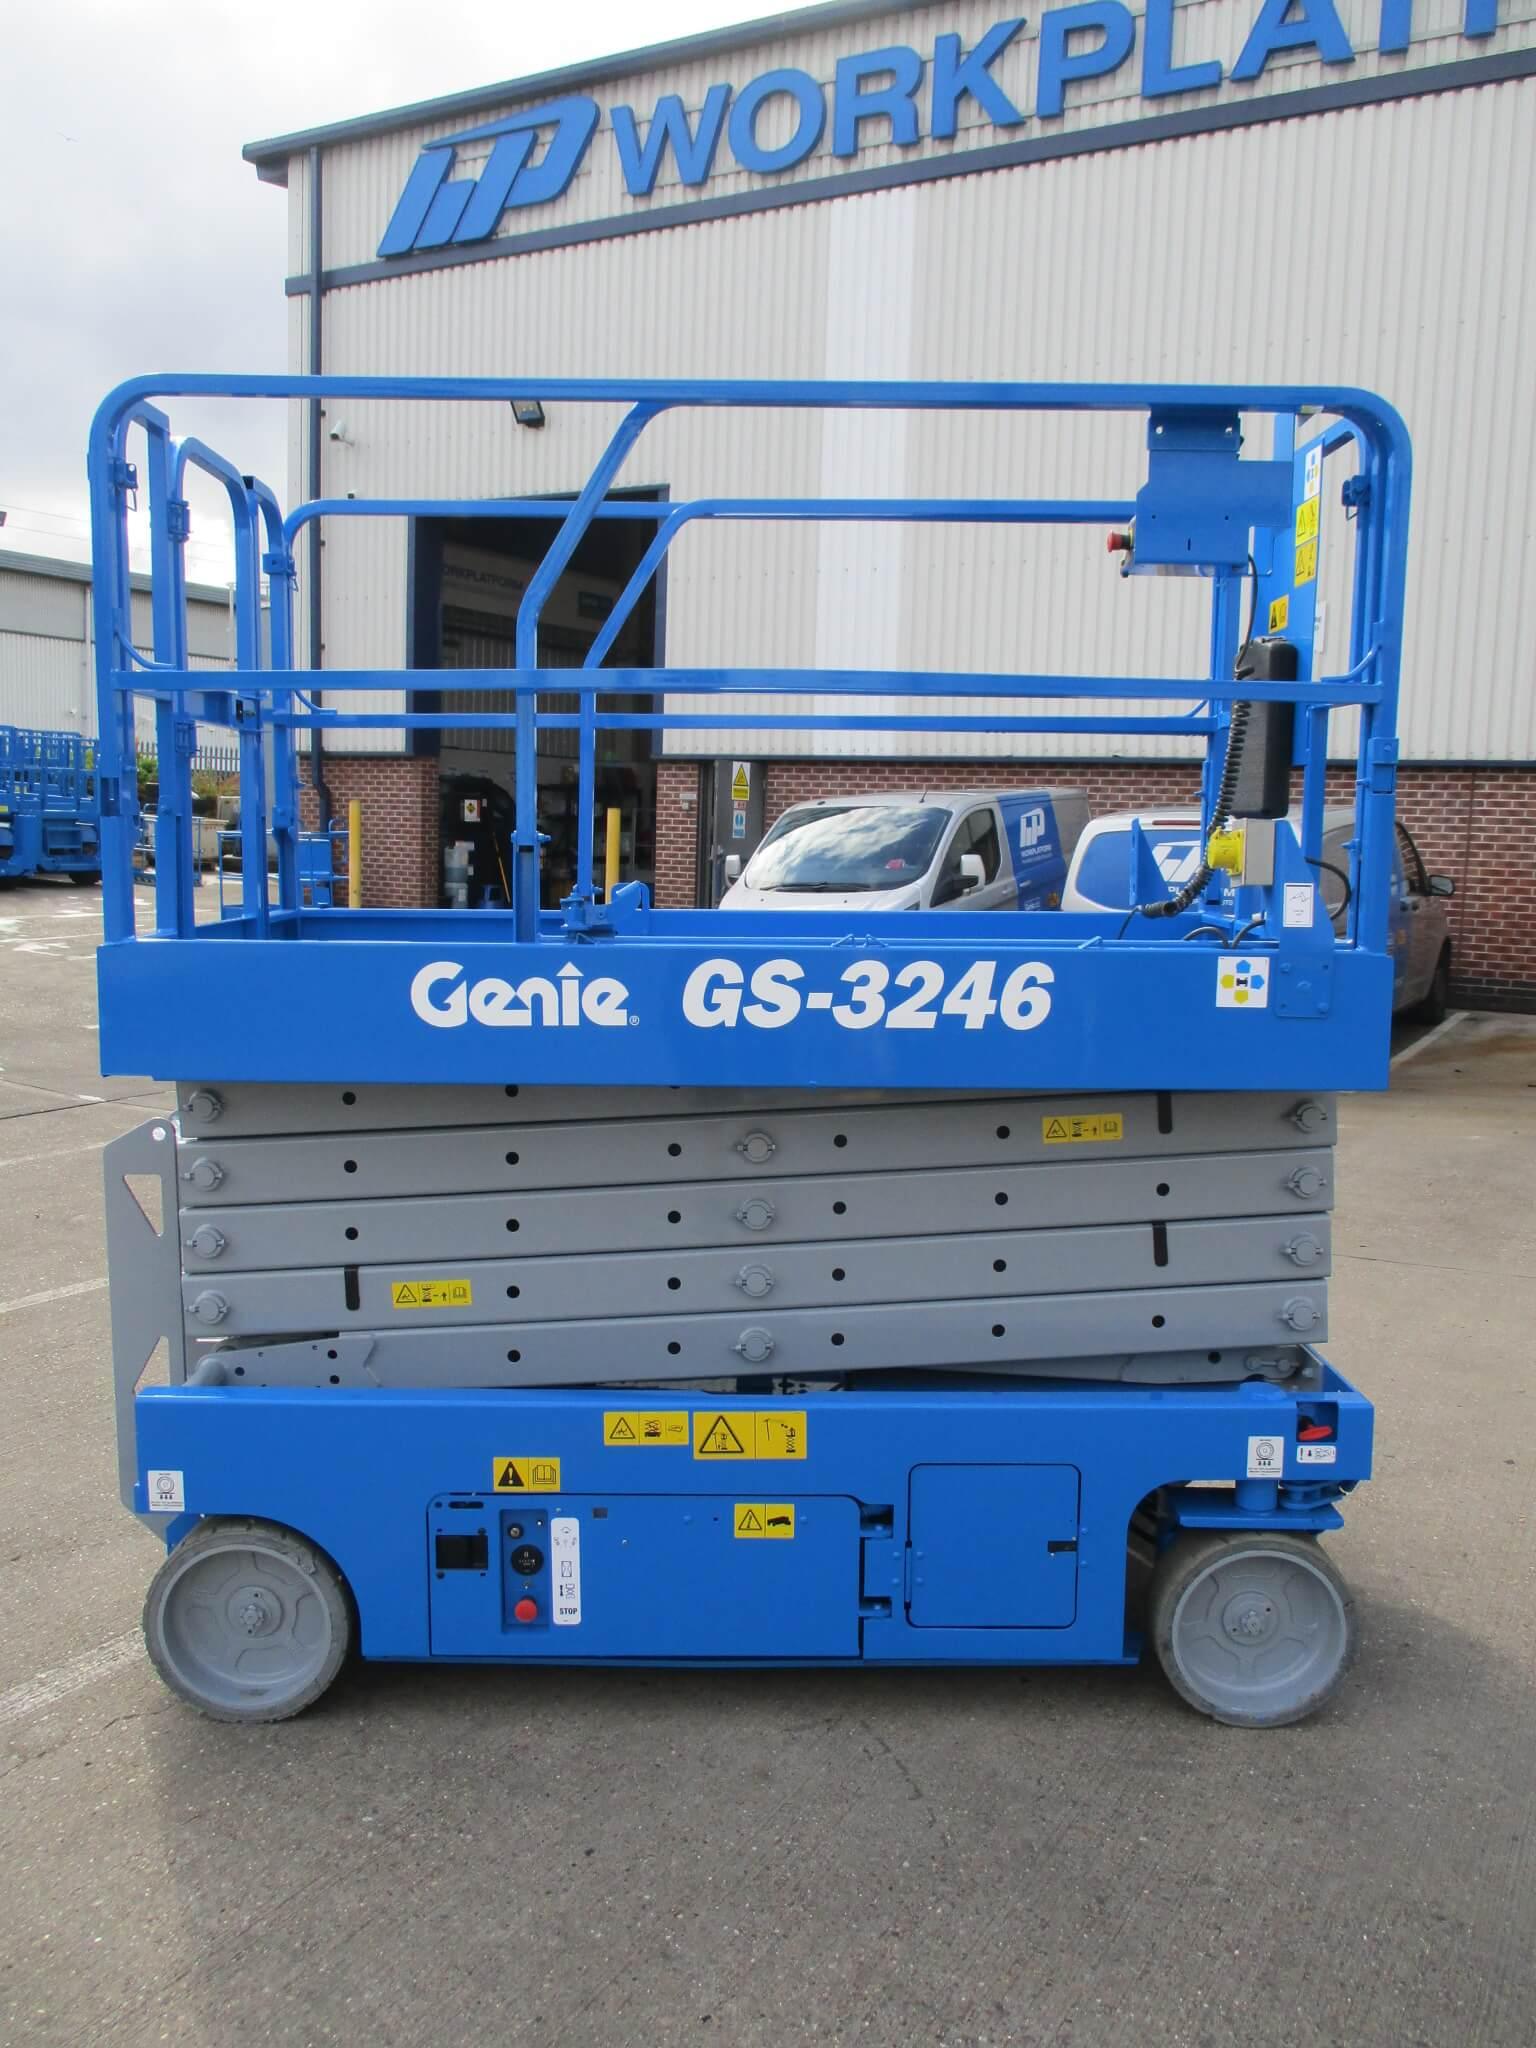 Used Genie GS3246 WP9179 1